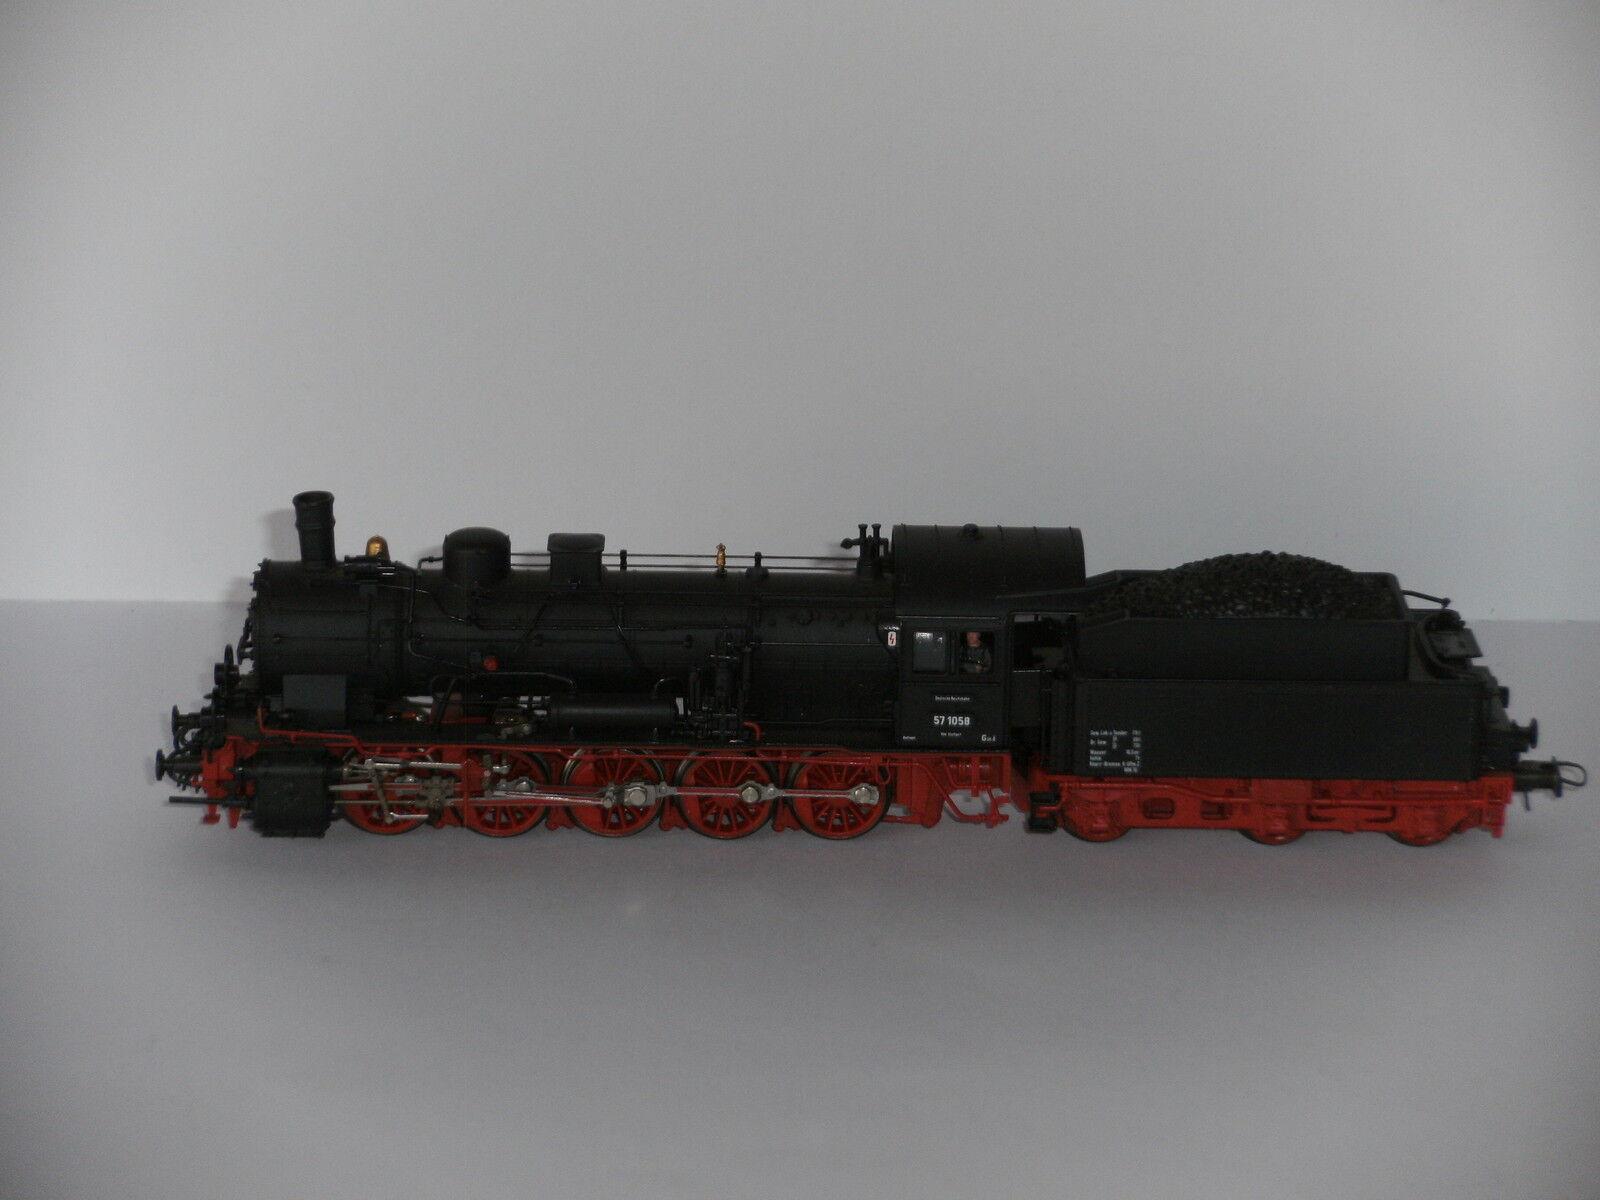 Roco H0 43230 Dampflok   Rarität Rarität Rarität   der DR mit Lokführer Super Zustand    Ausreichende Versorgung  b22dce